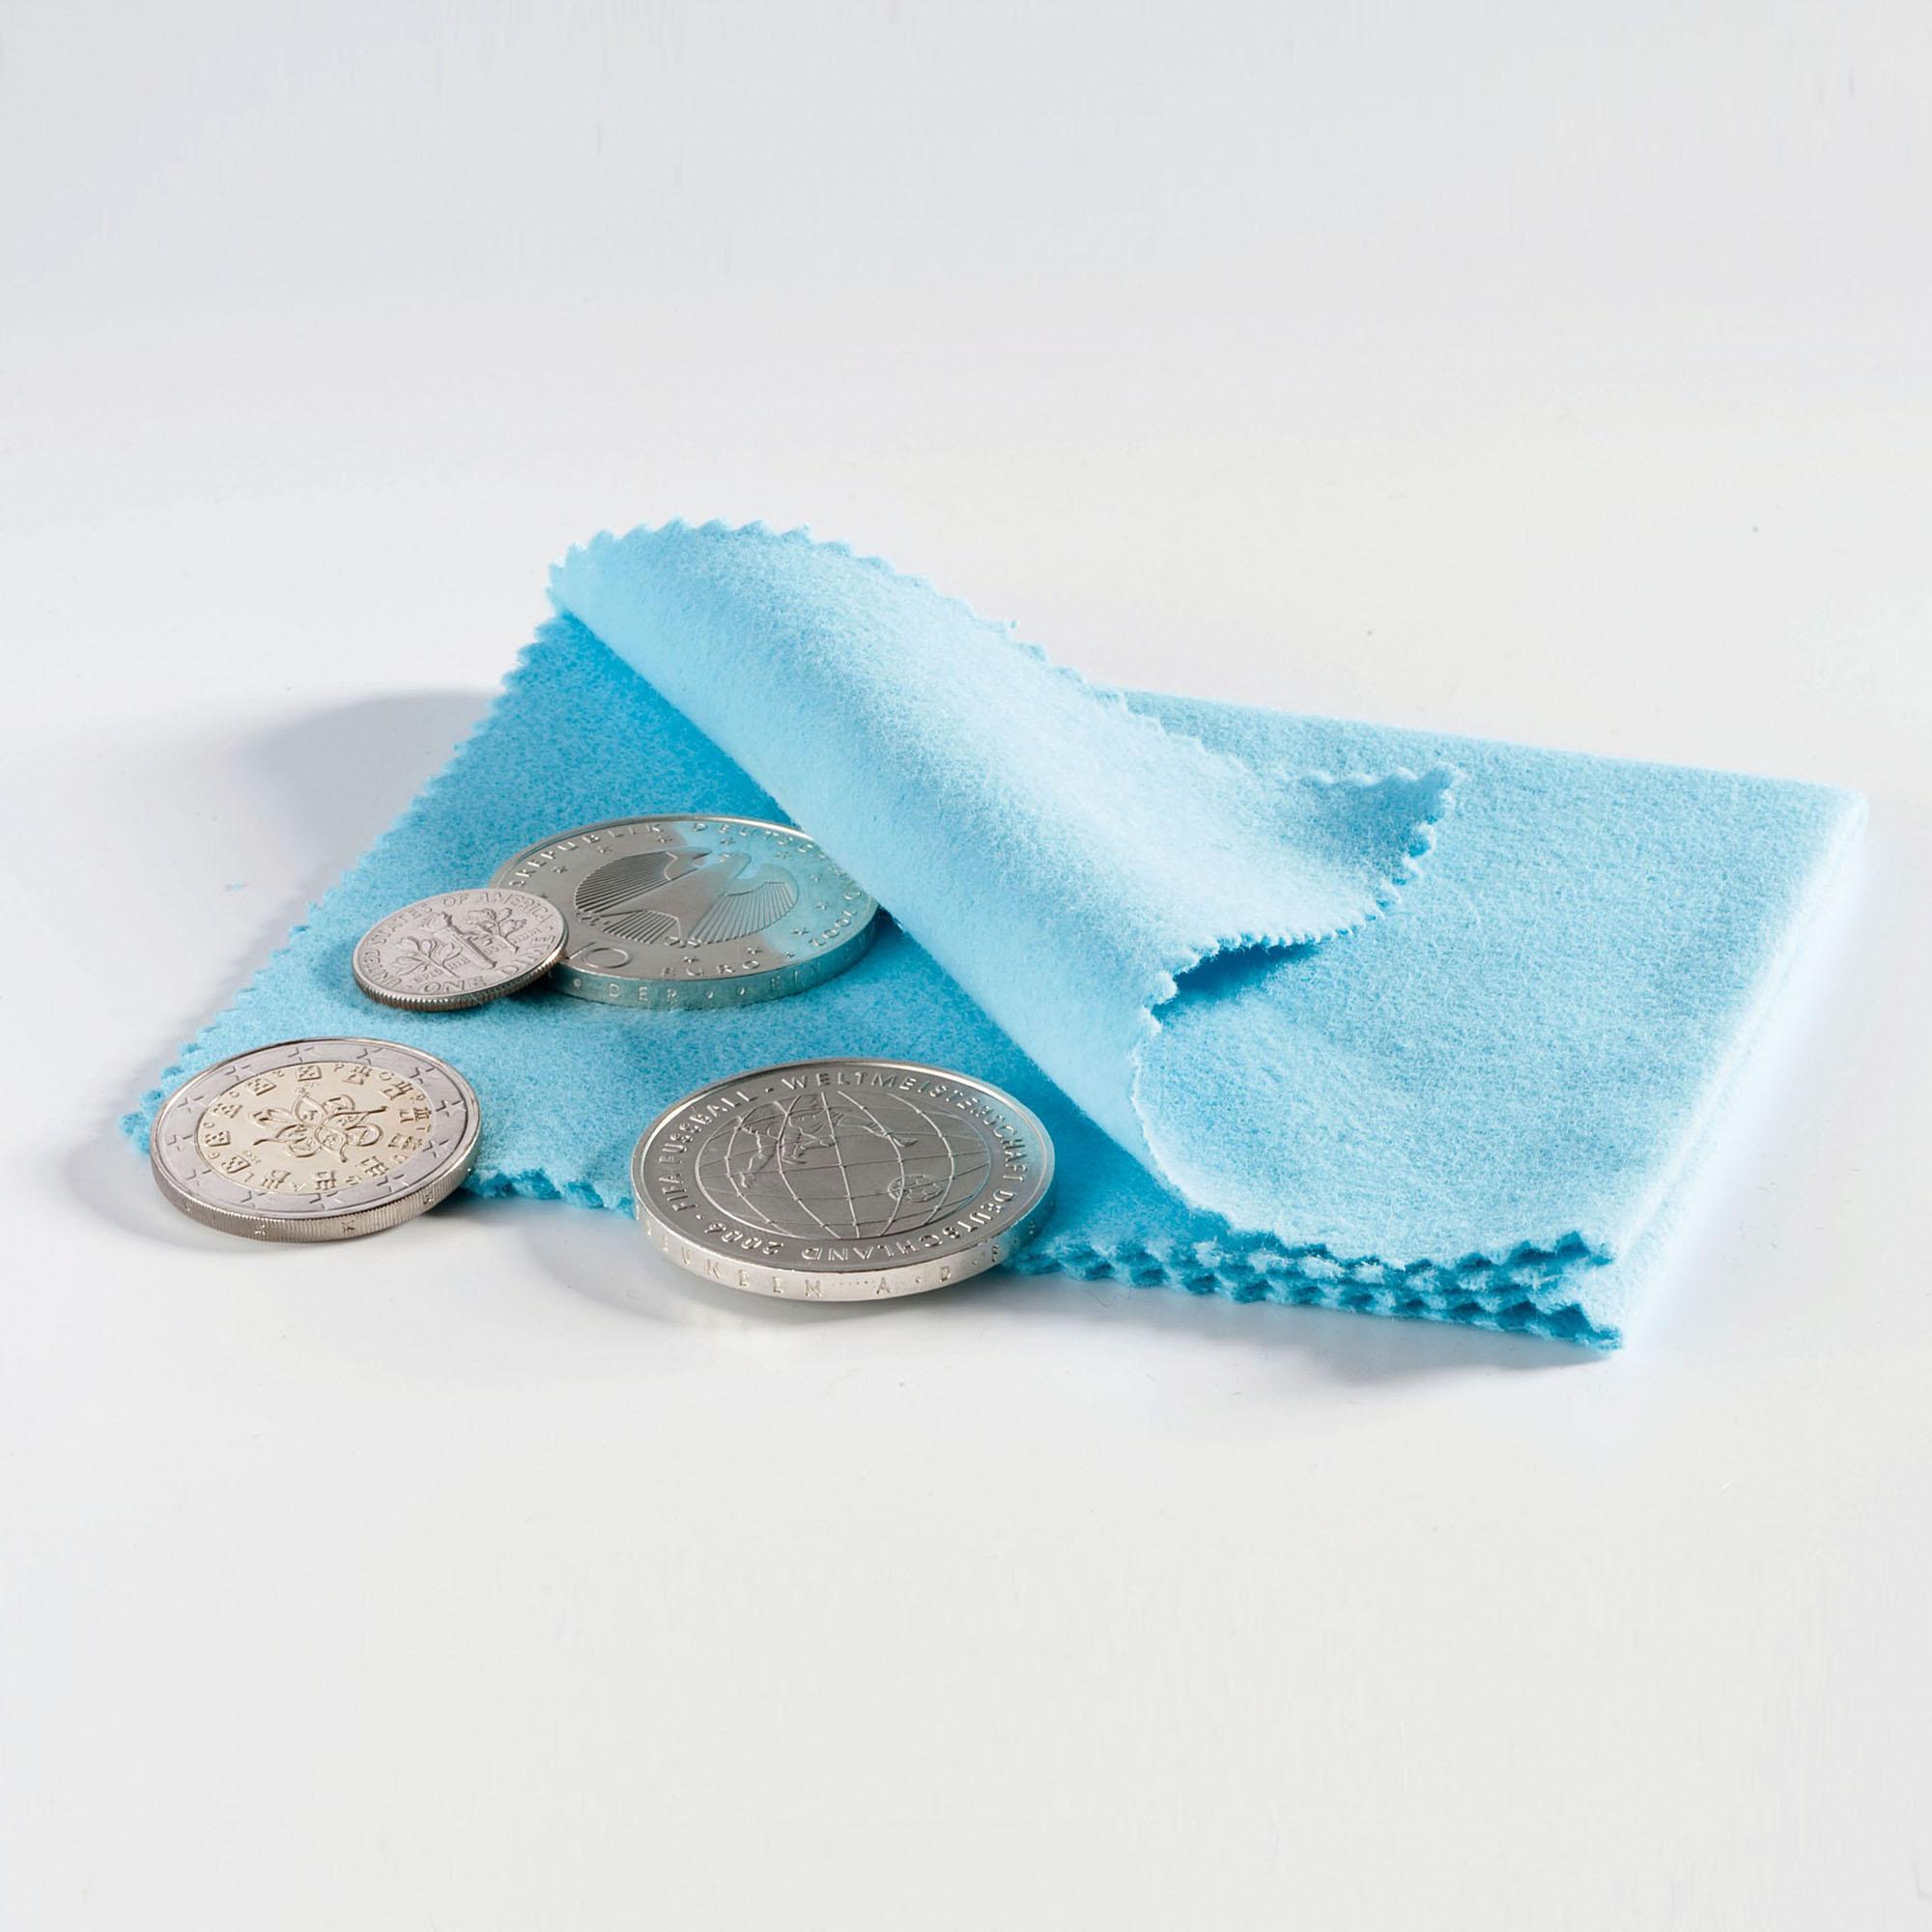 Салфетка для полировки монет 10*10 см